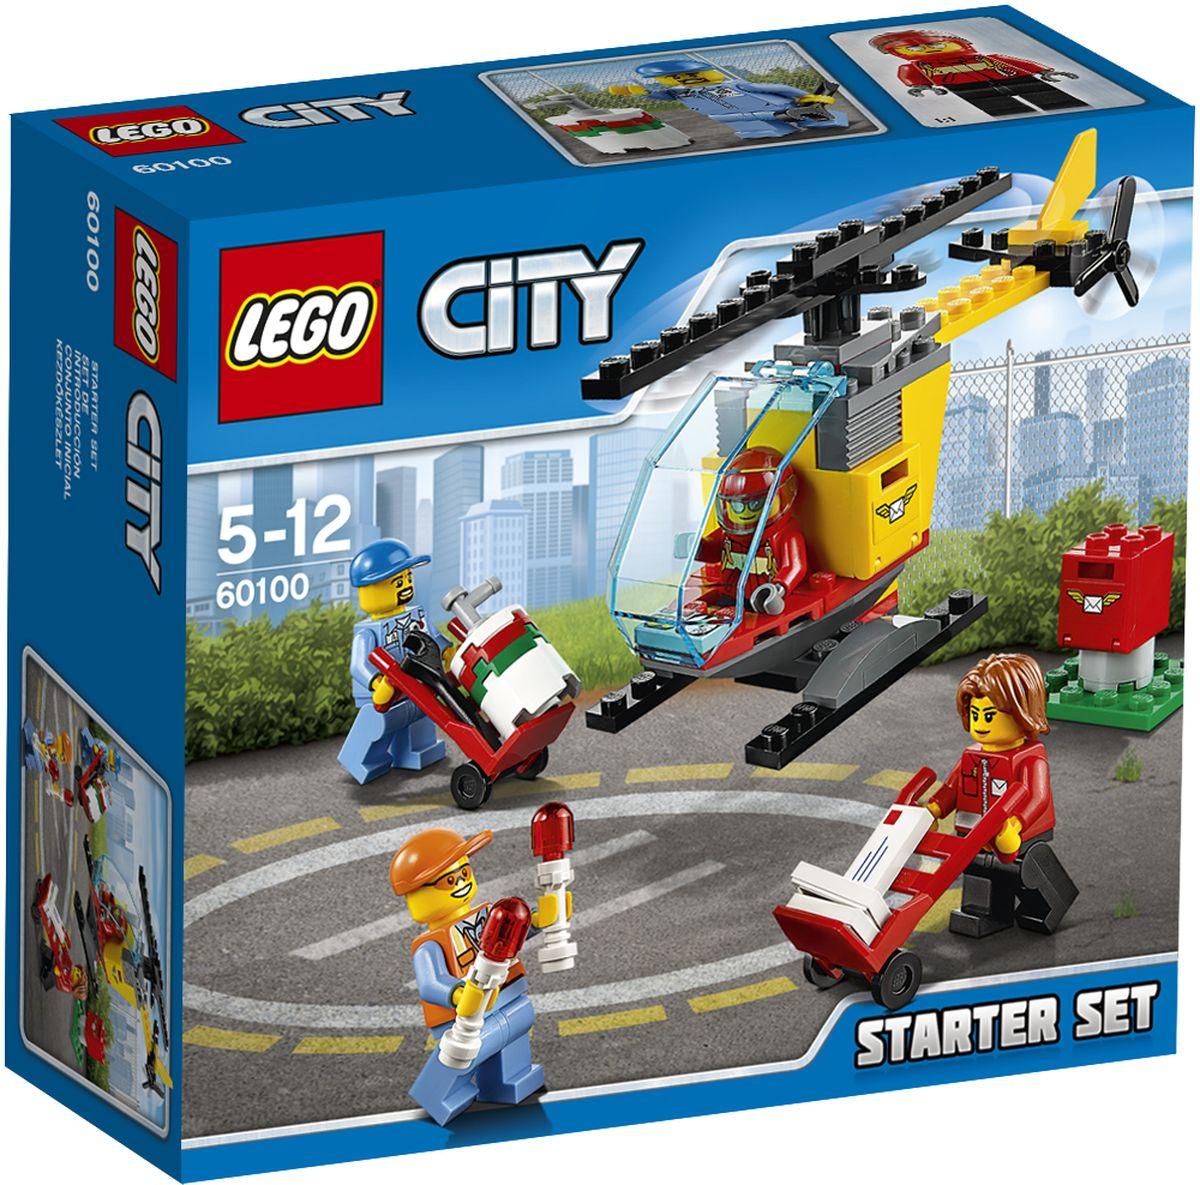 LEGO City Конструктор Аэропорт Стартовый набор 60100 lego city конструктор внедорожник каскадера 60146